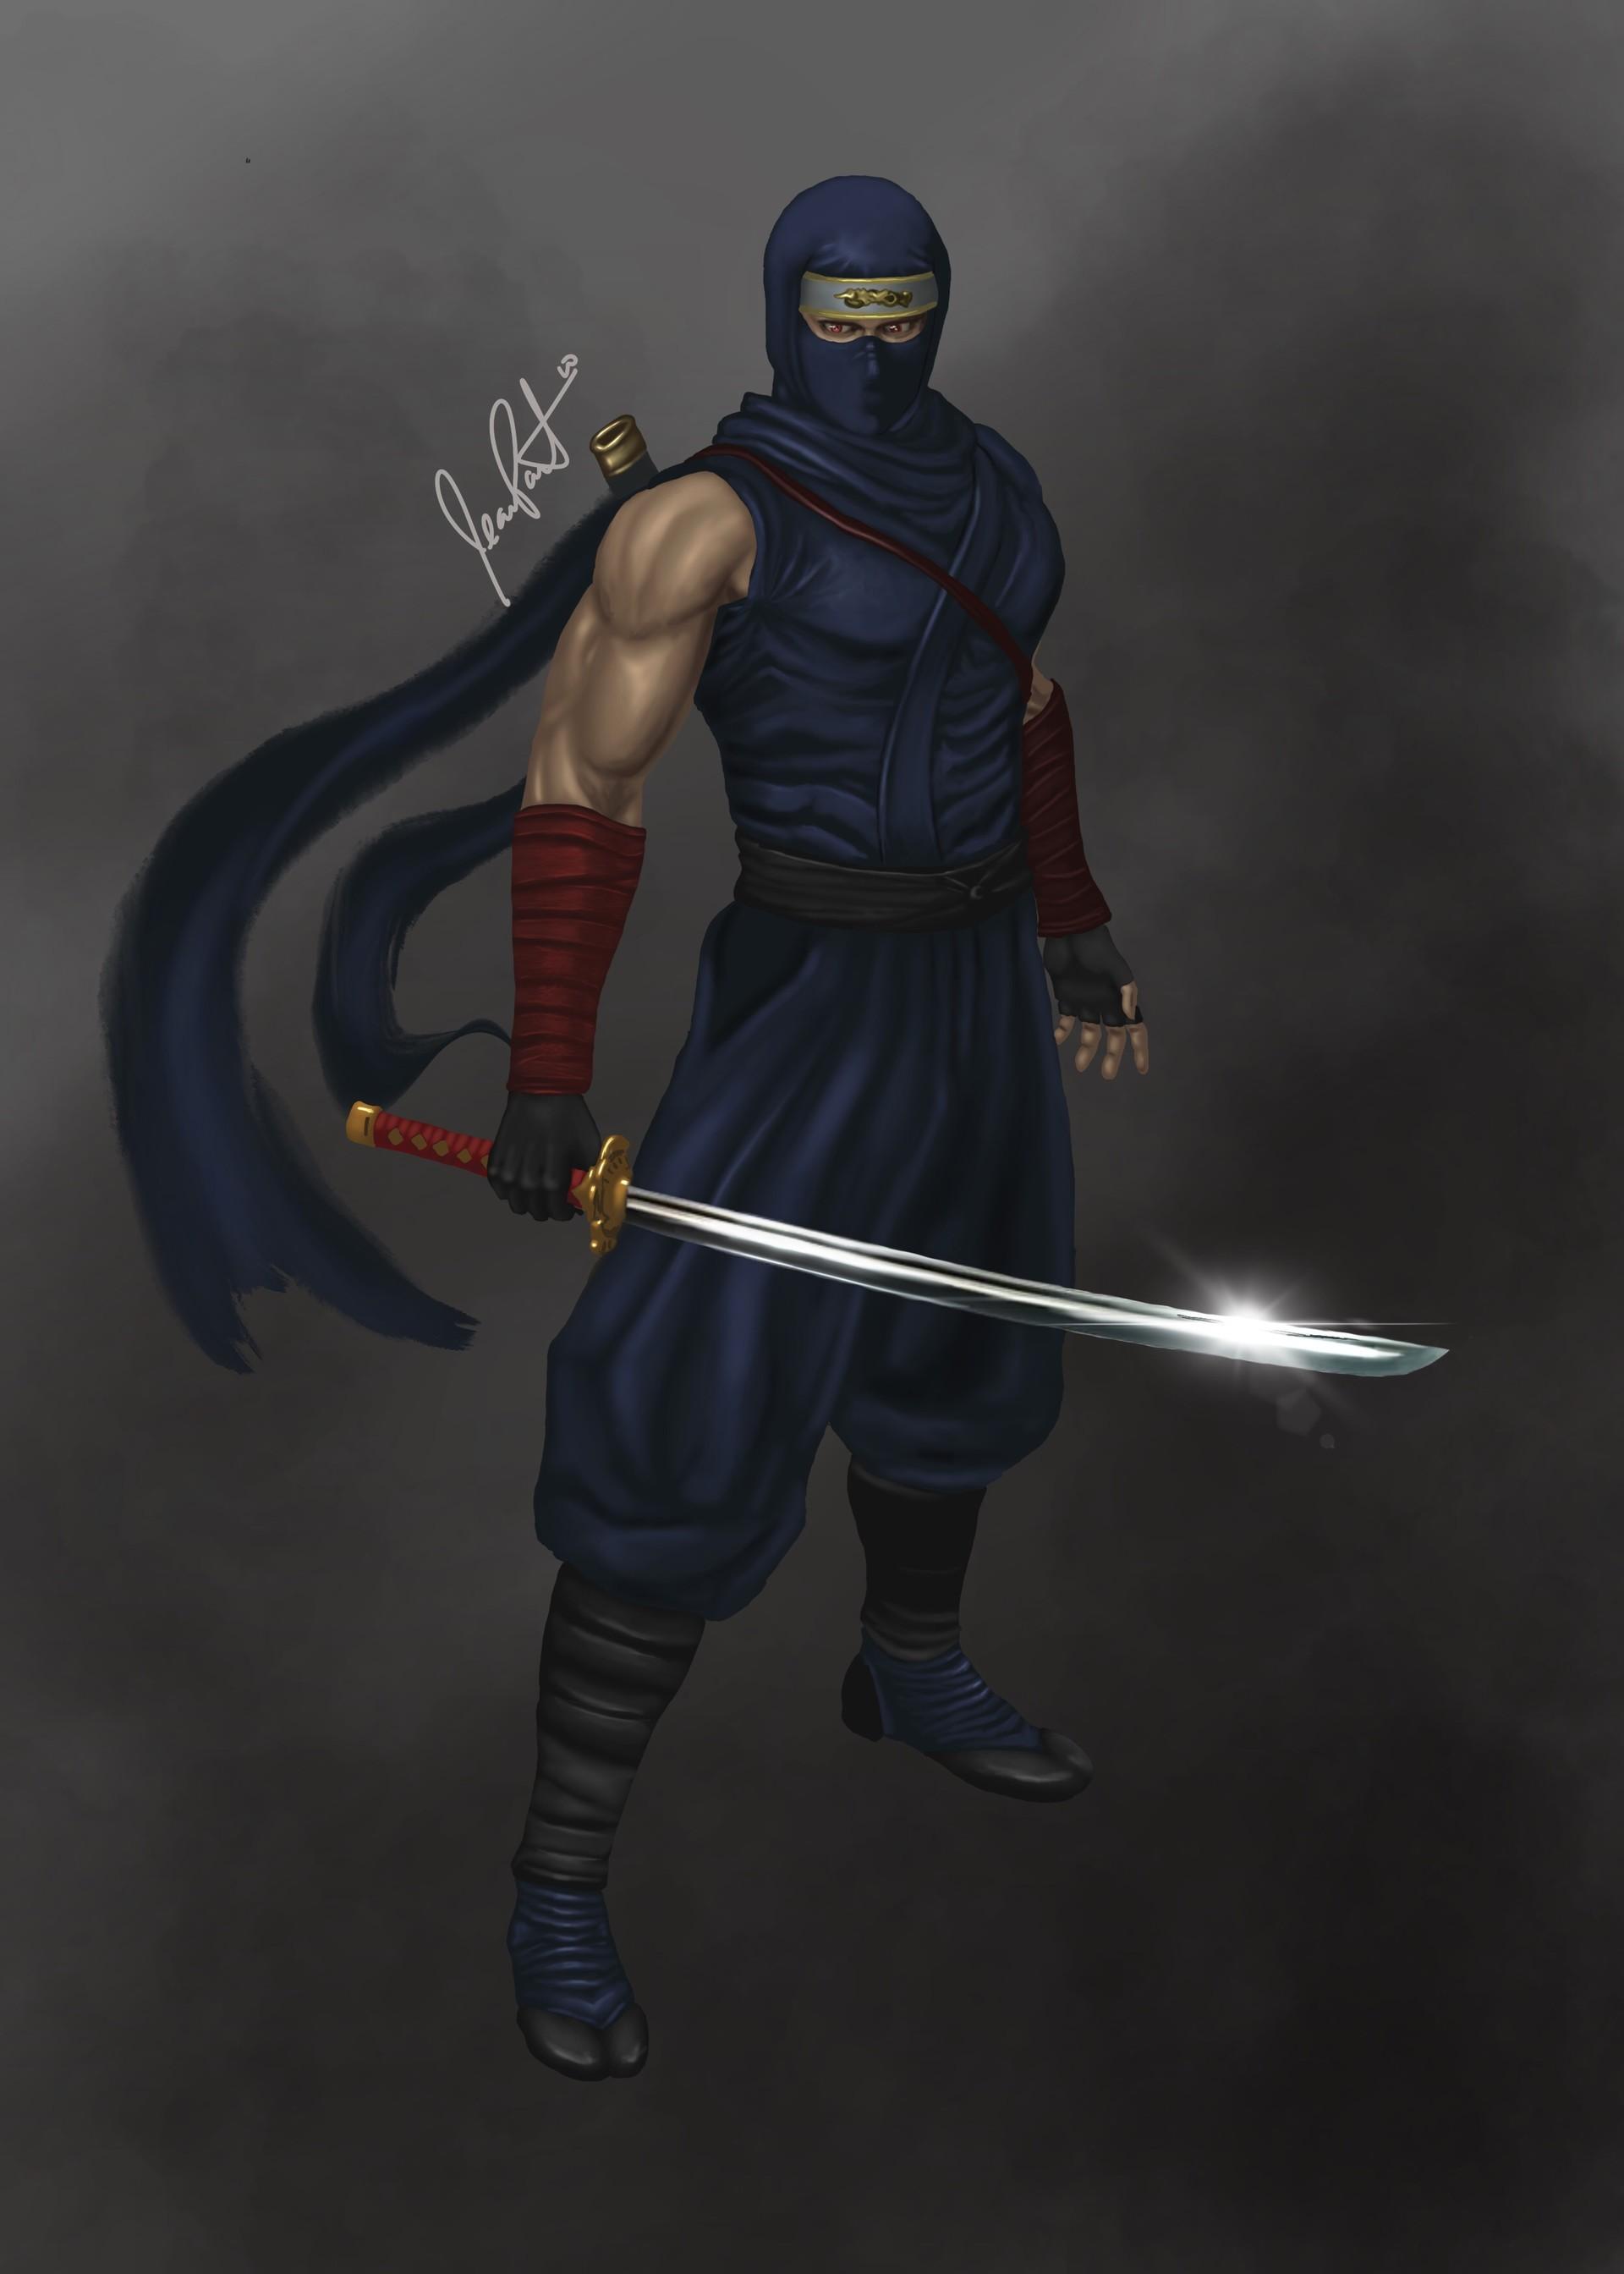 Jean Paul T Alonso Ryu Hayabusa Ninja Gaiden